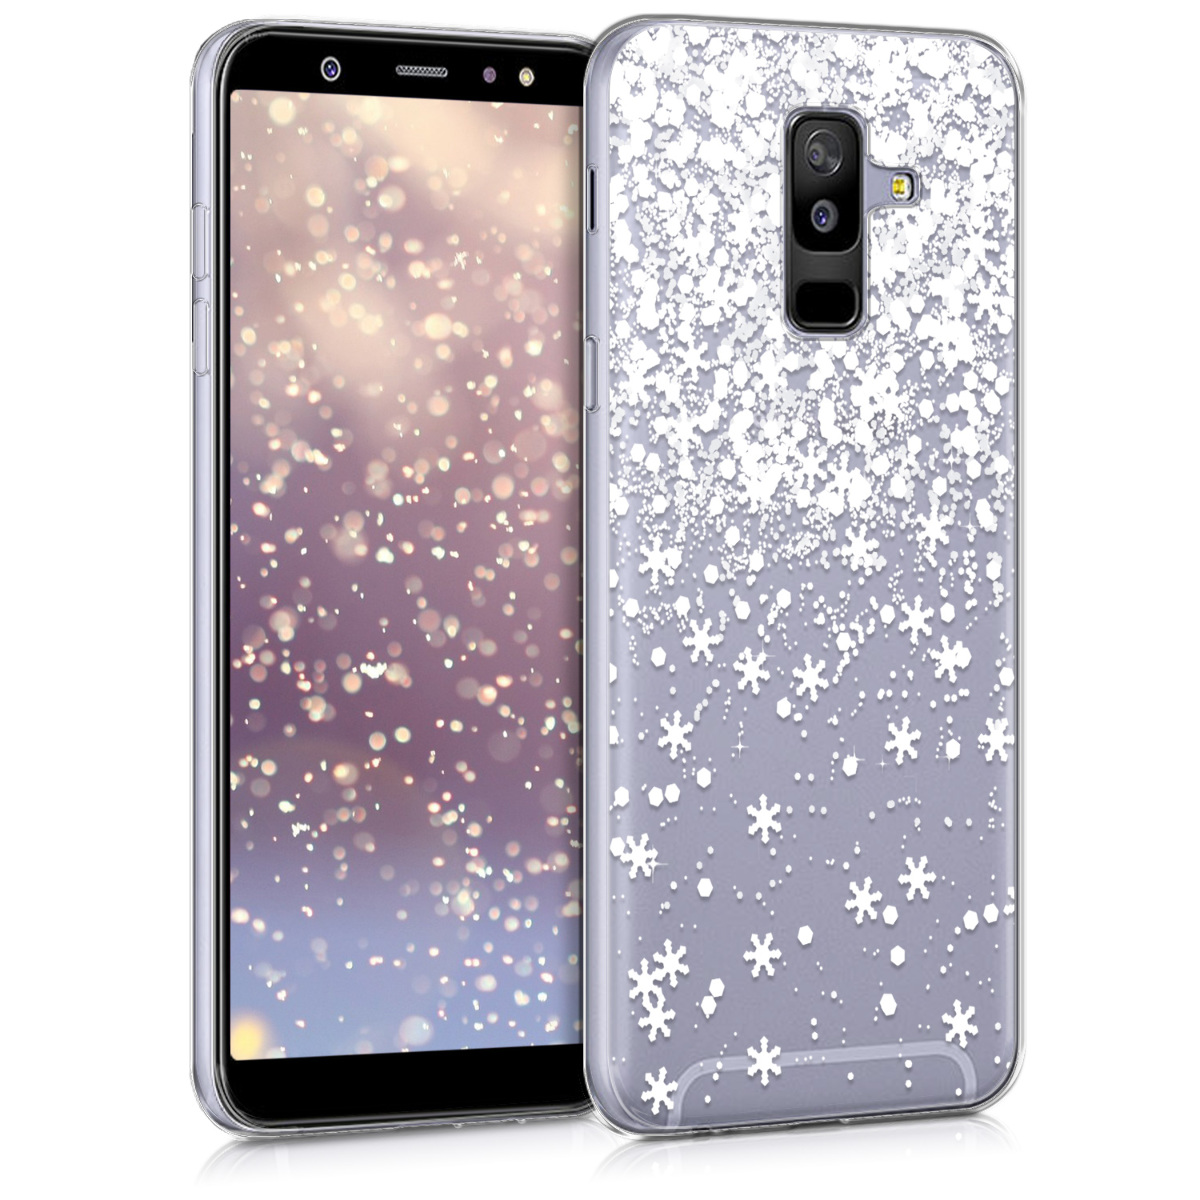 Kvalitní silikonové TPU pouzdro pro Samsung A6+|A6 Plus (2018) - Třpytivé vločky bílé / transparentní